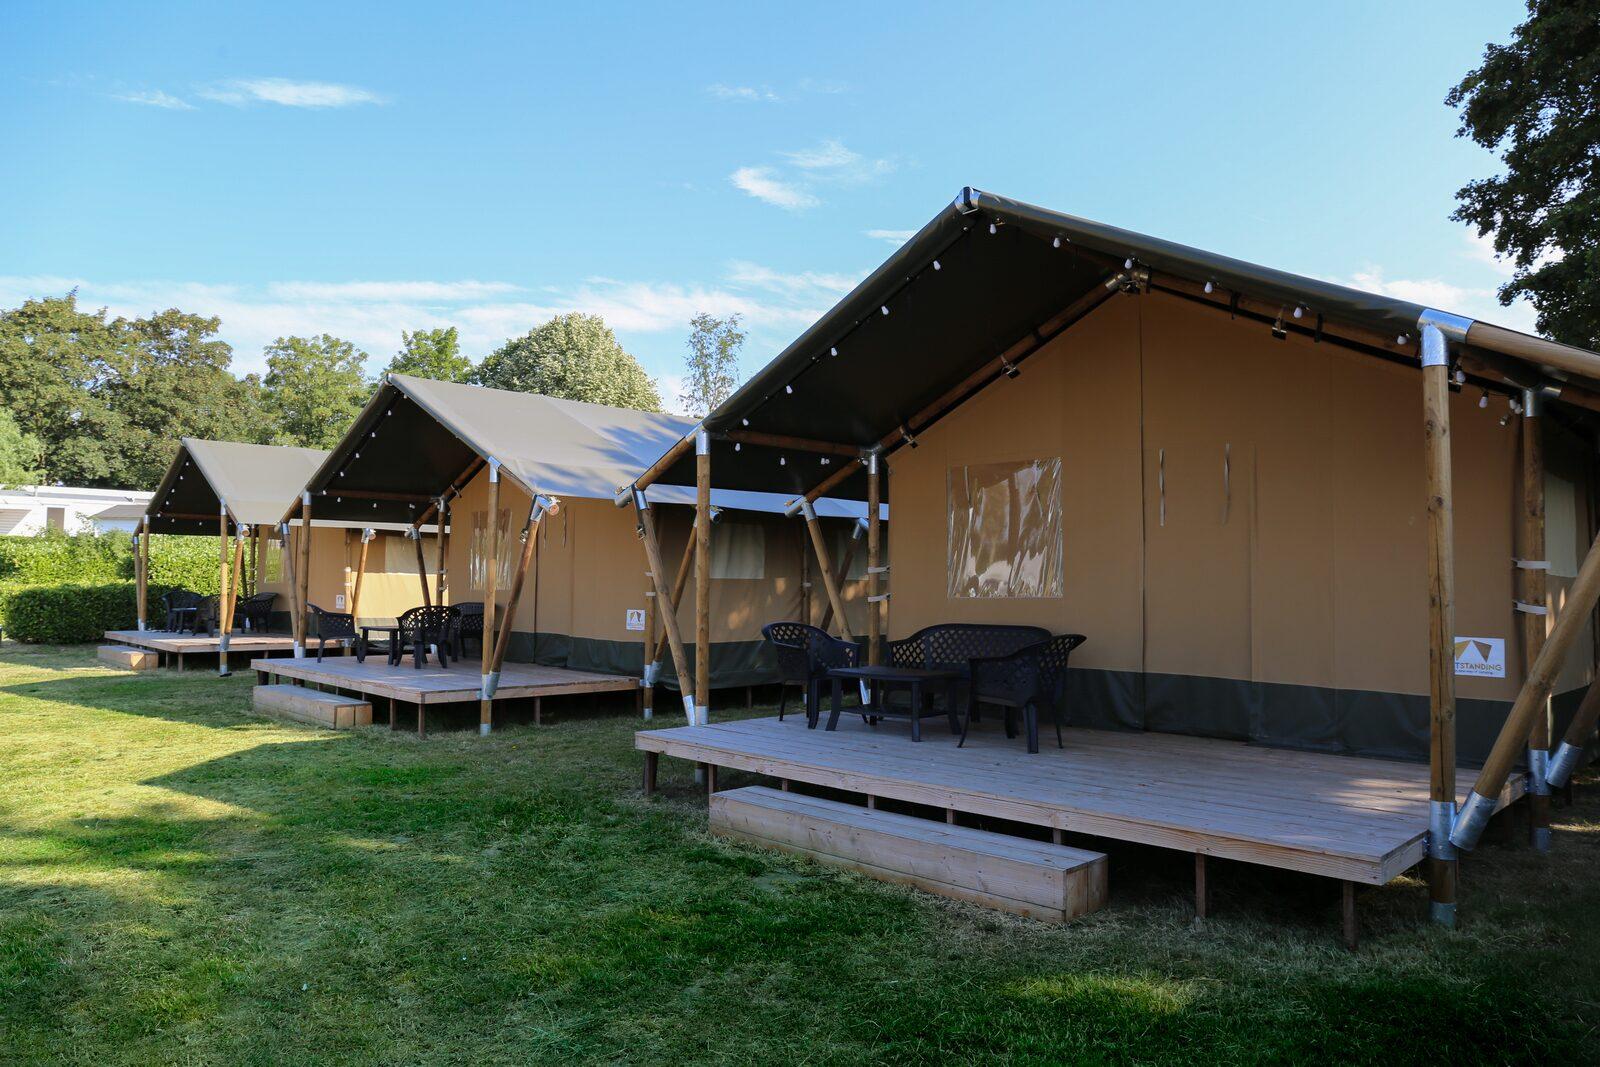 Safari tent